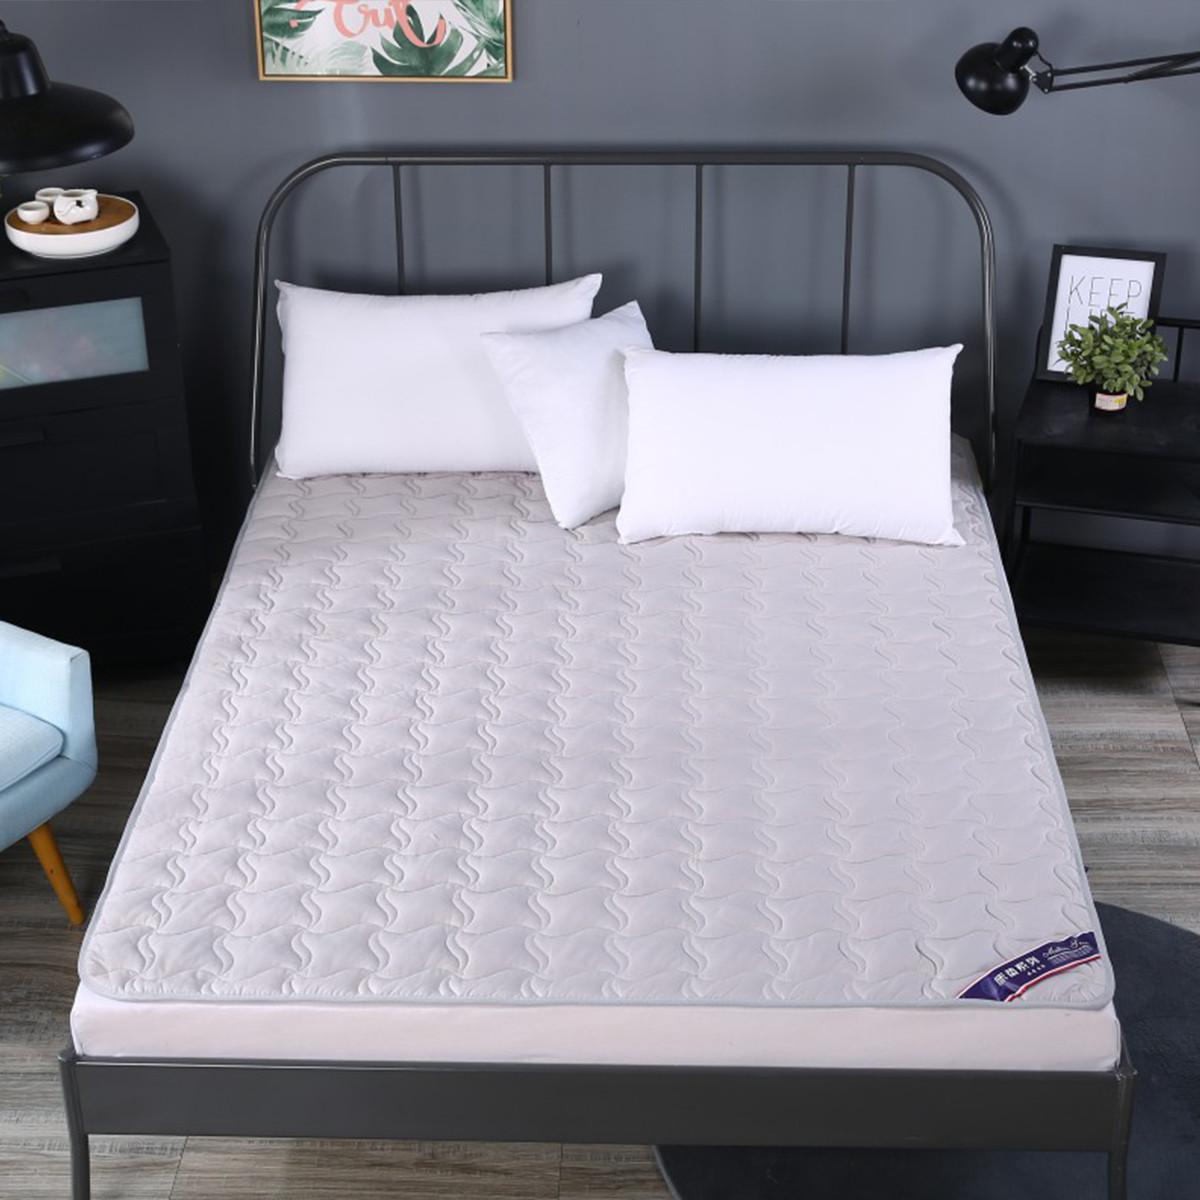 Ramada全棉夹棉可水洗床垫席梦思床垫床褥子垫被褥子床笠床褥薄床垫COLOR灰色